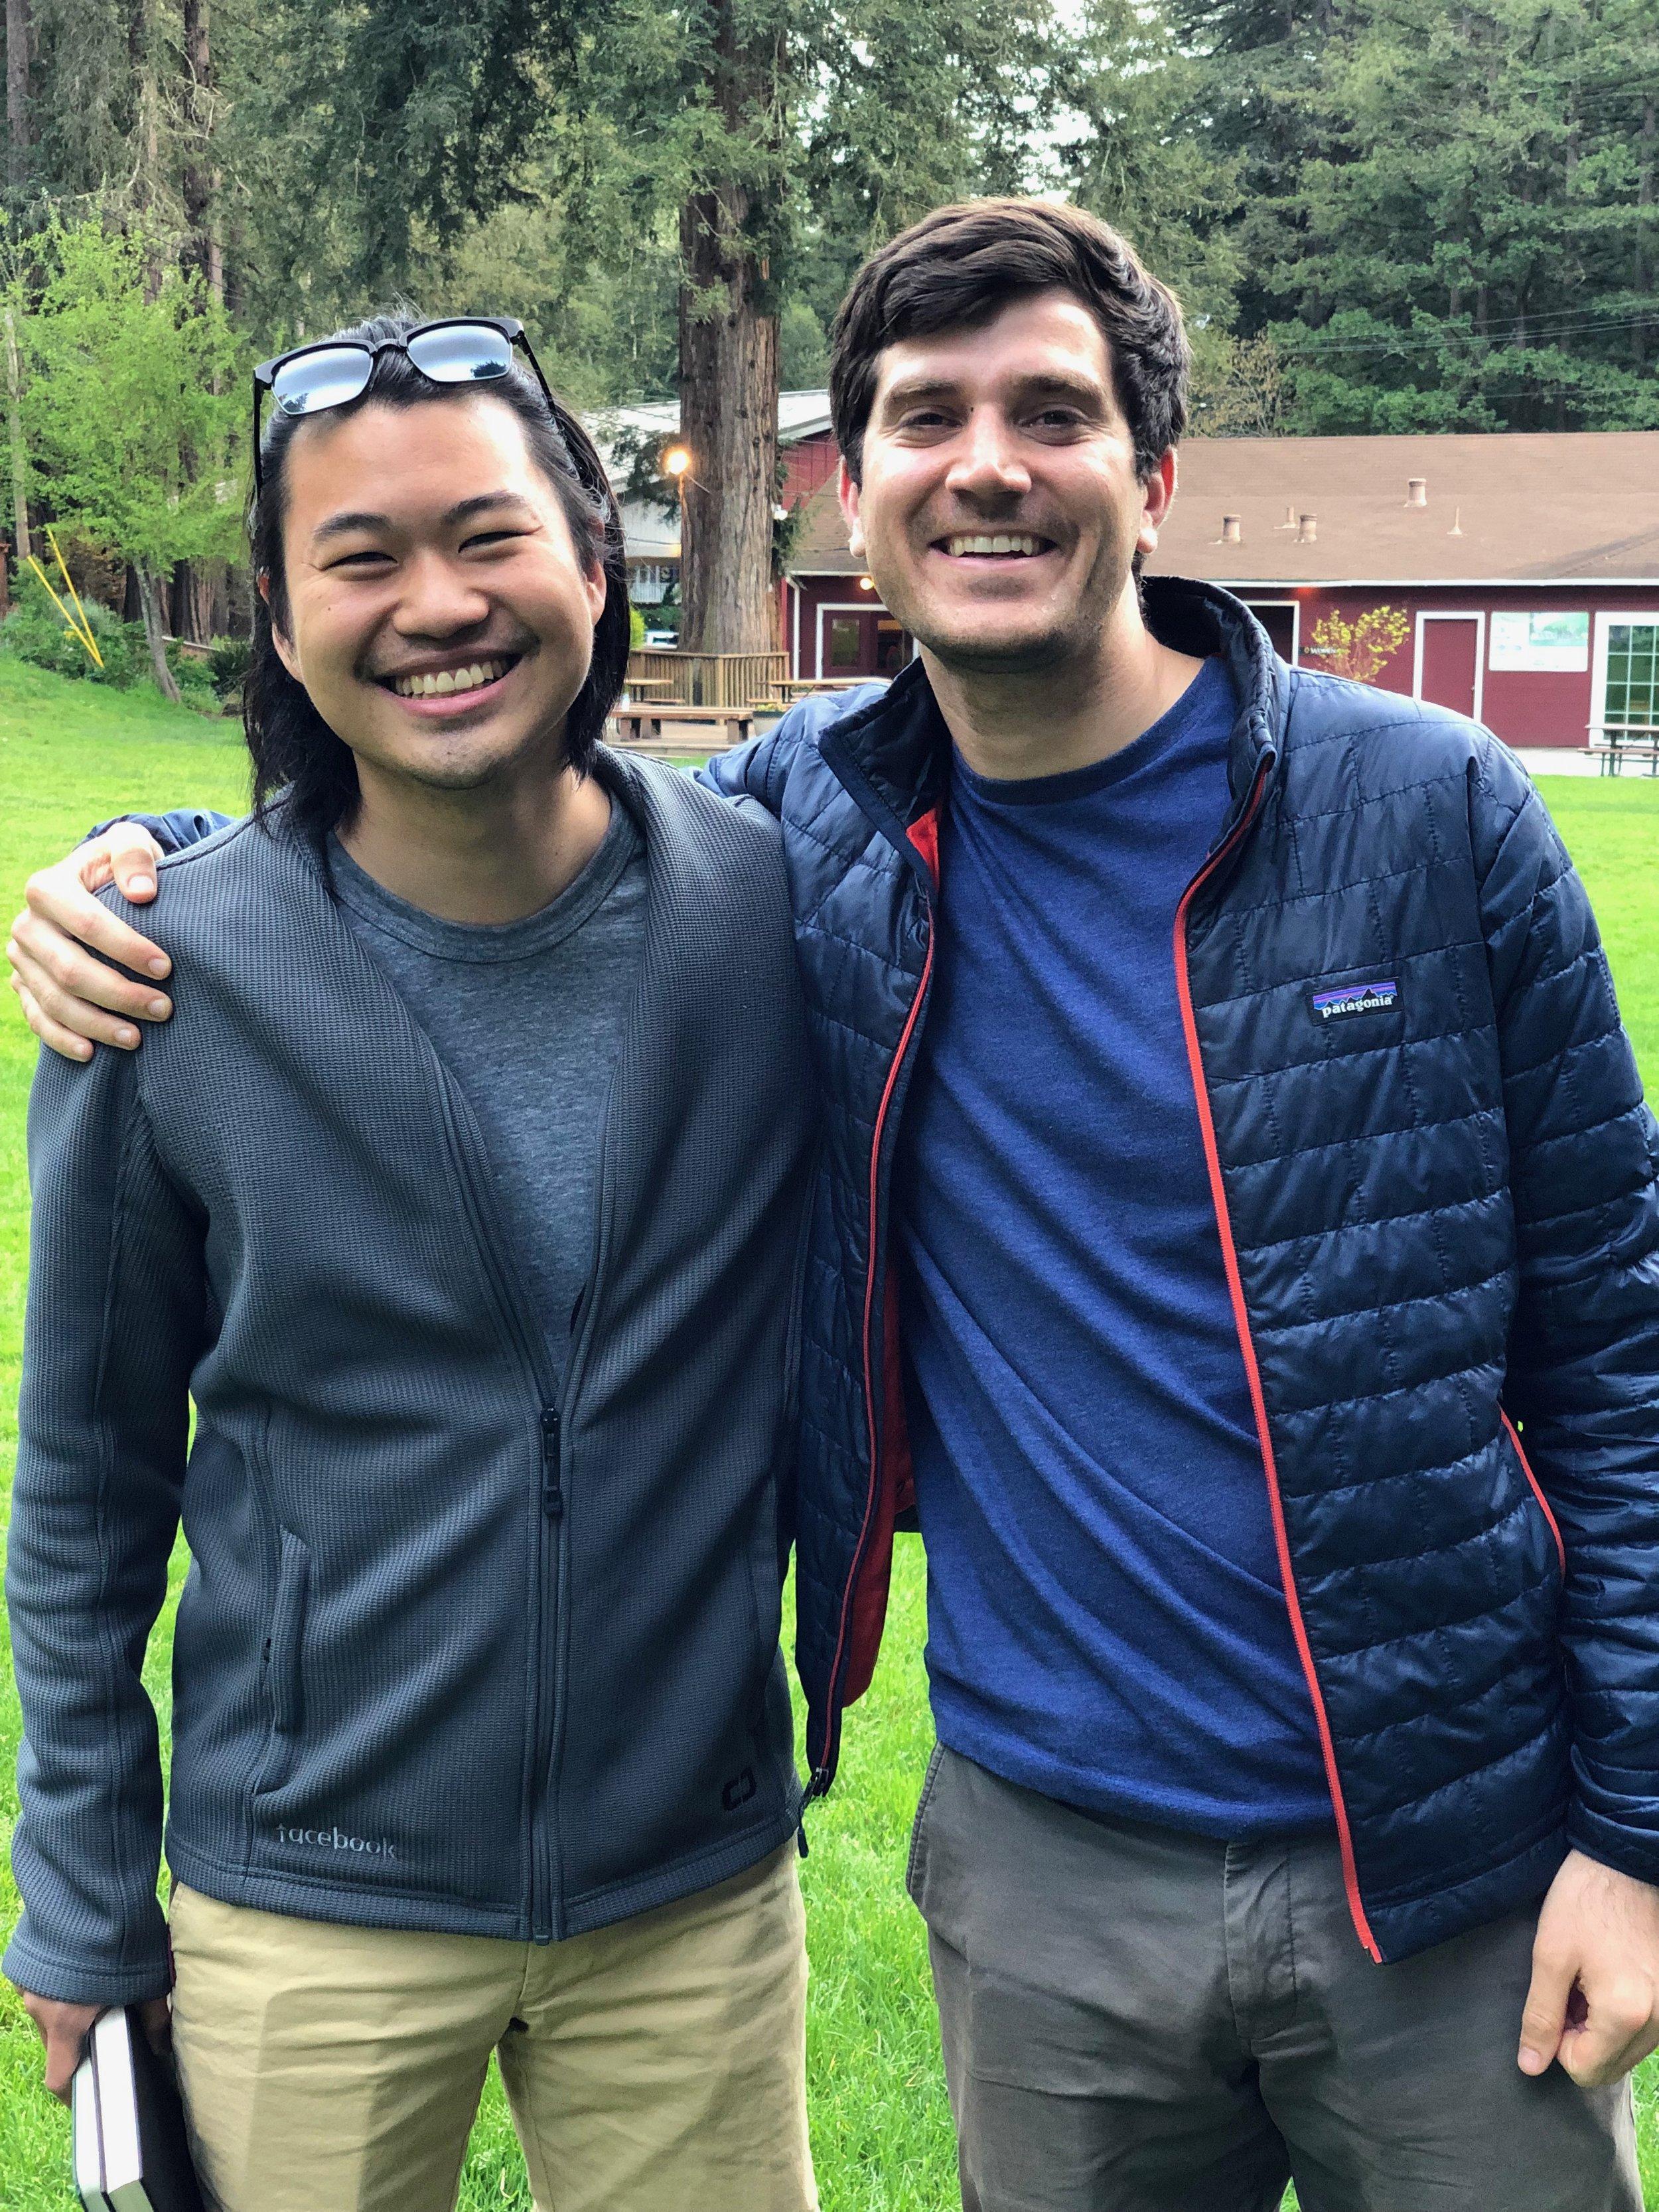 Evan Schindewolf and Ben Hsu Spring 2017 pic 2.jpeg